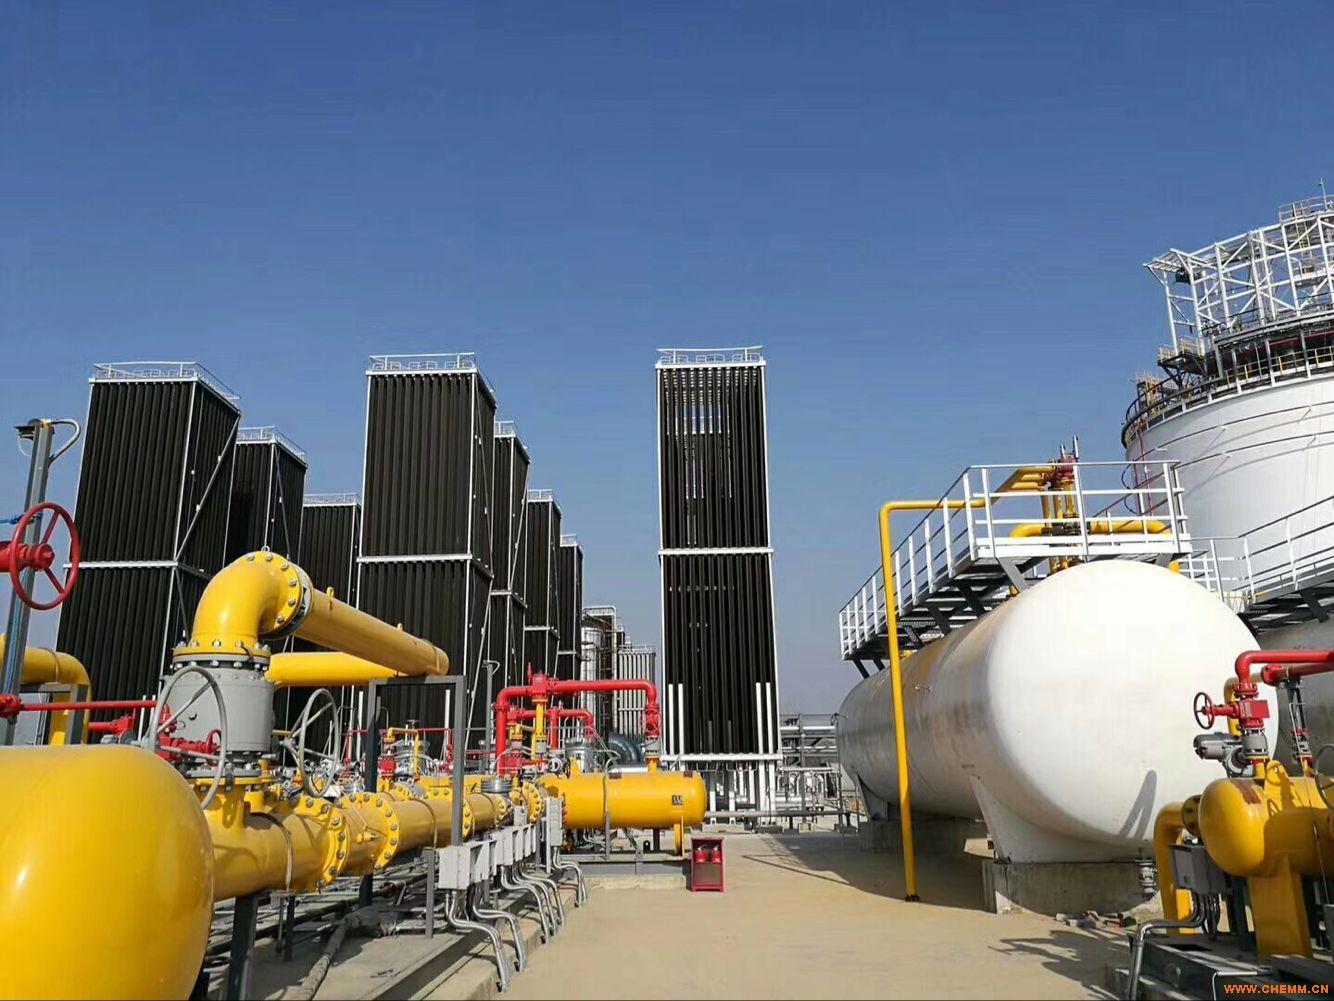 天然气储备库(天然气储配站)(天然气接收站)